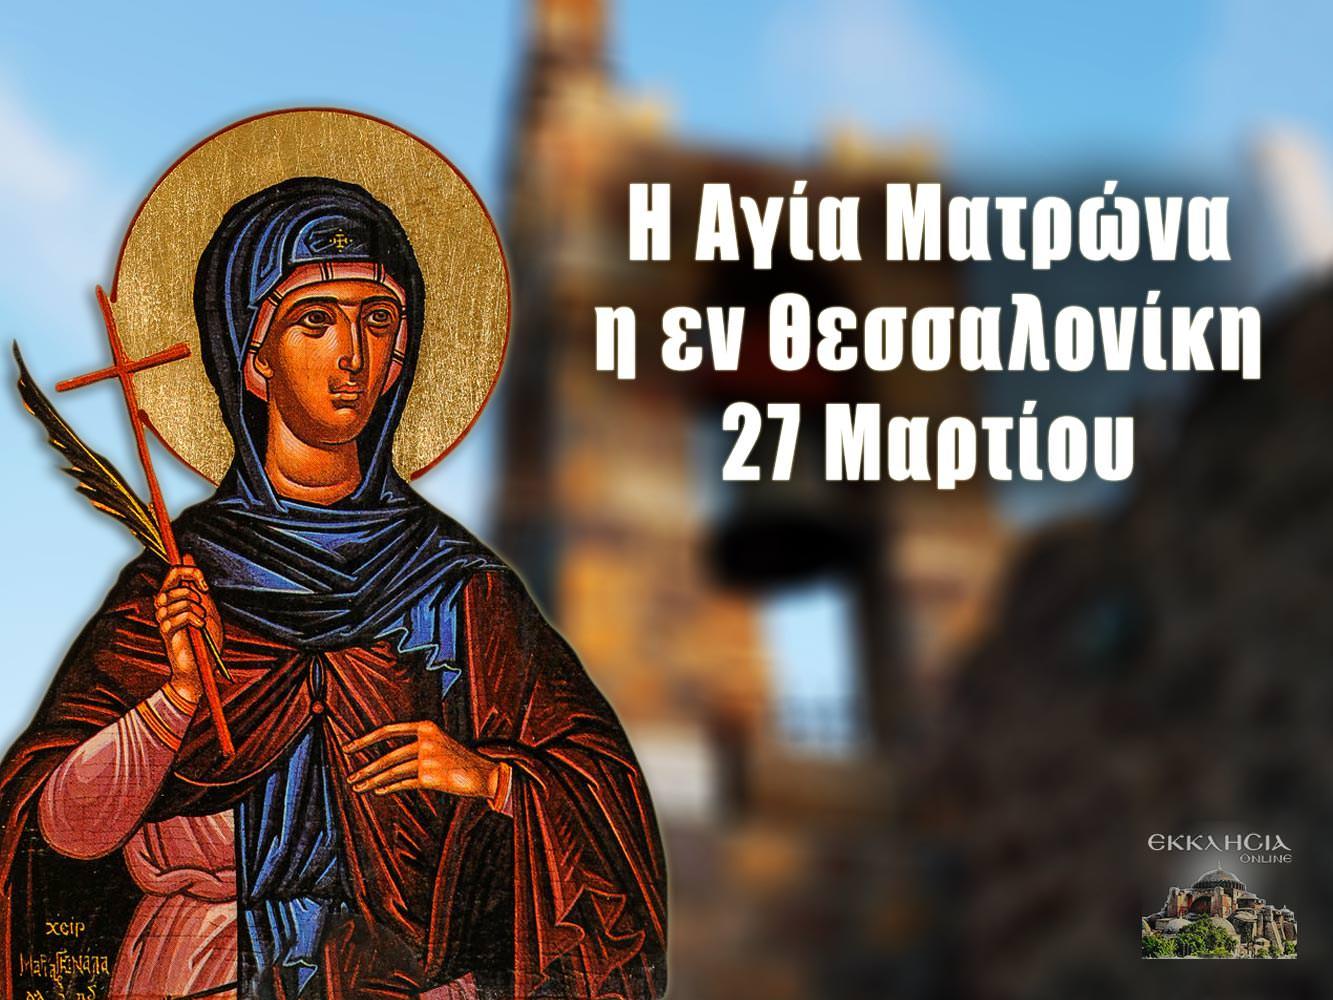 Αγία Ματρώνα 27 Μαρτίου